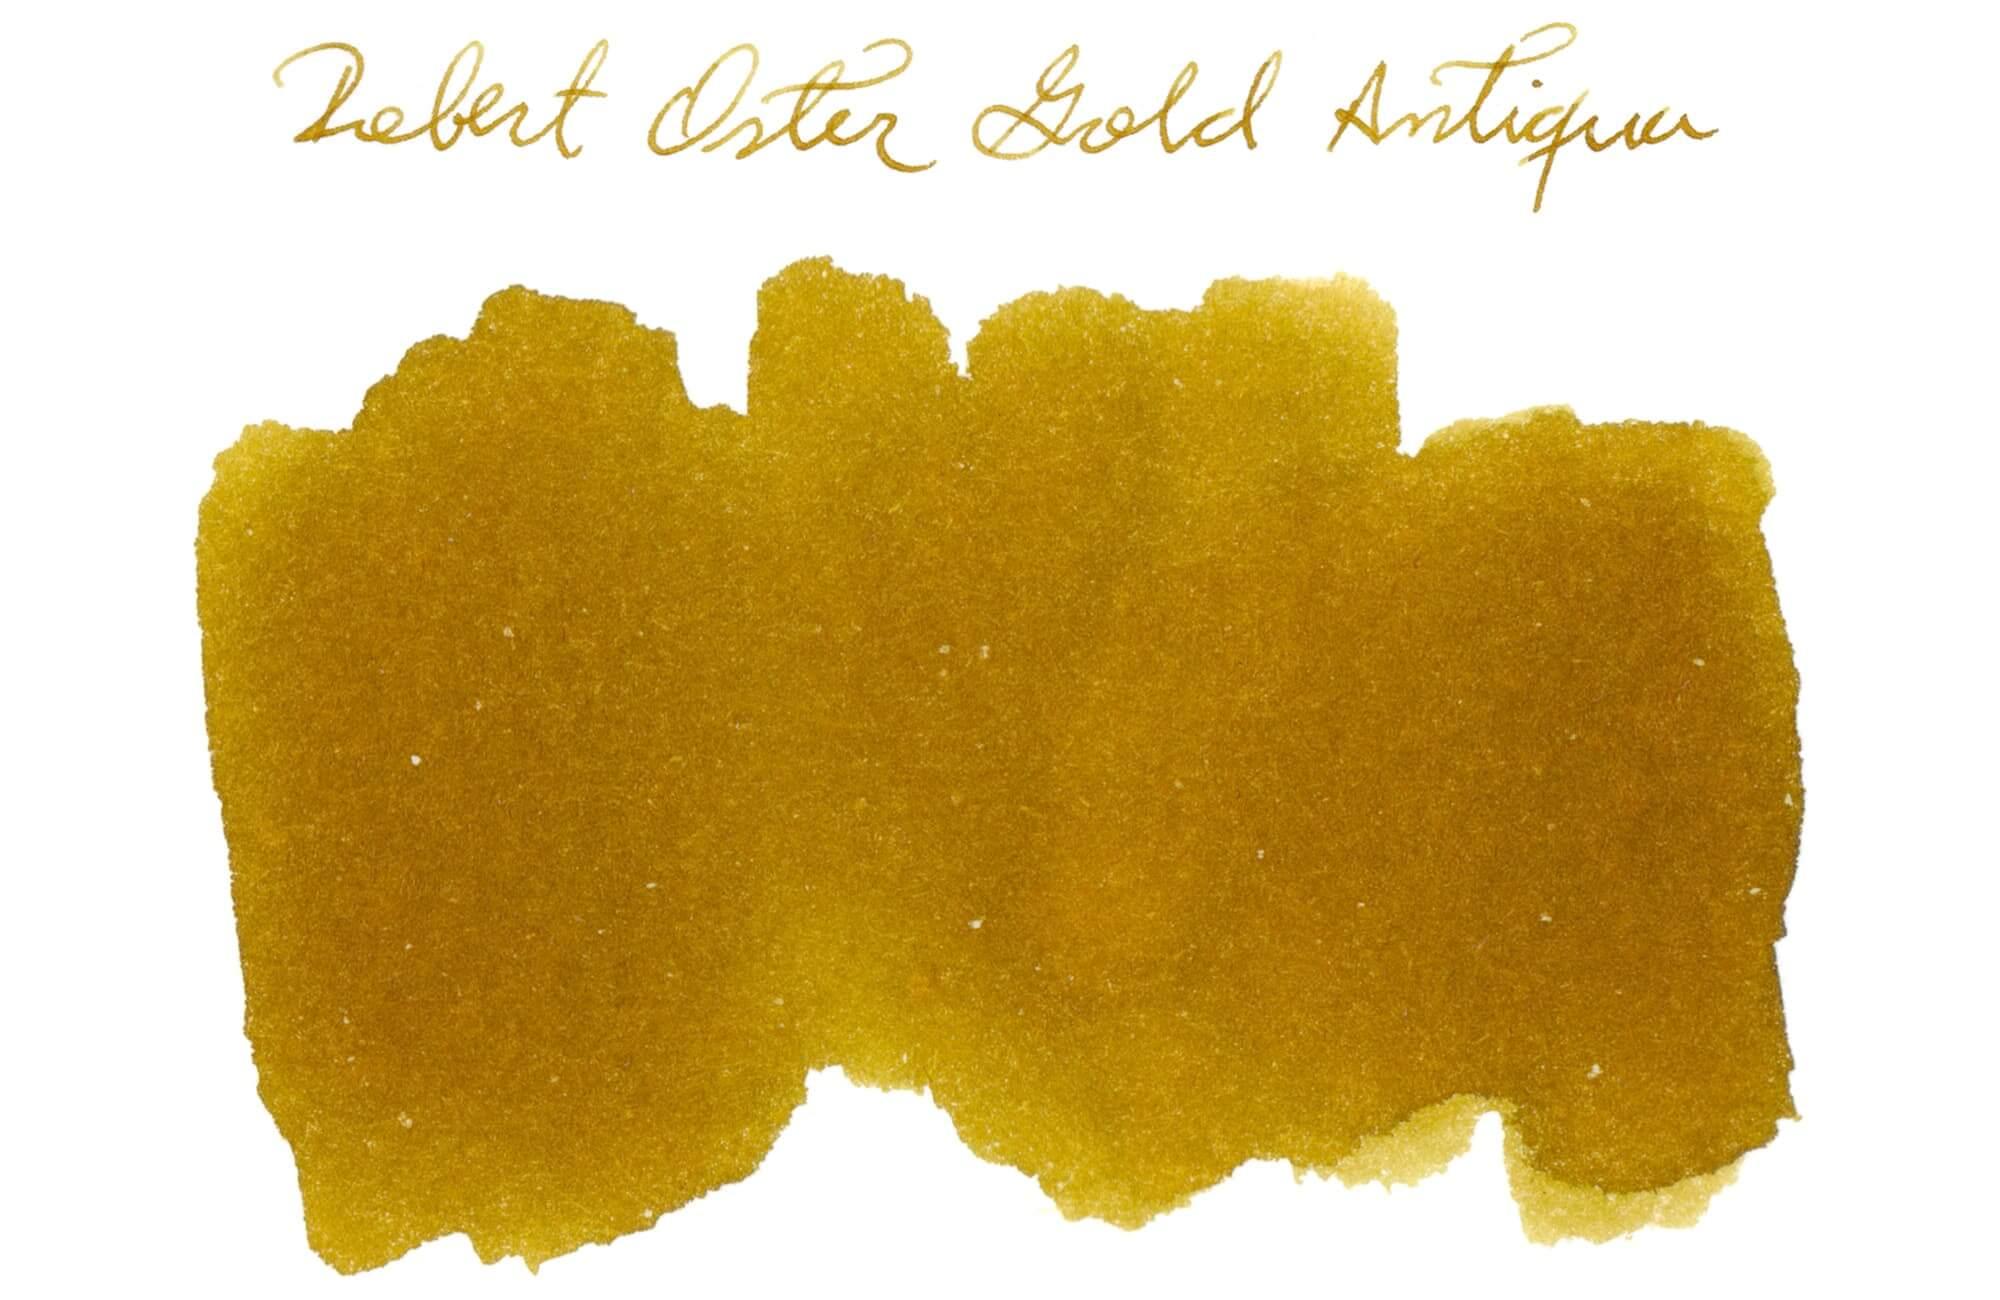 Robert Oster Gold Antiqua